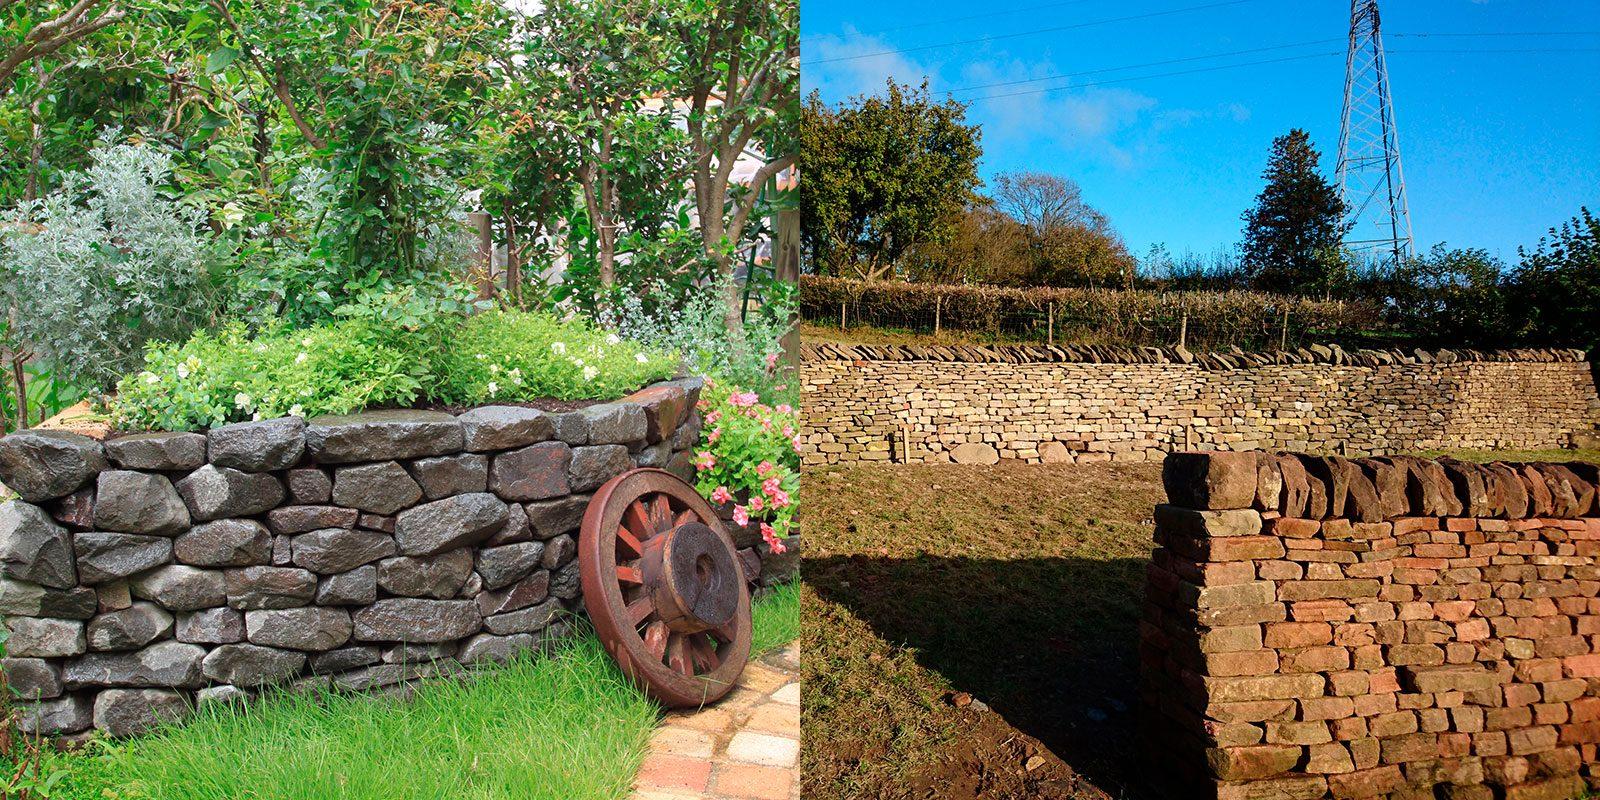 日本の石積み技術を使った花壇とコッツウォルズで見た石垣の写真